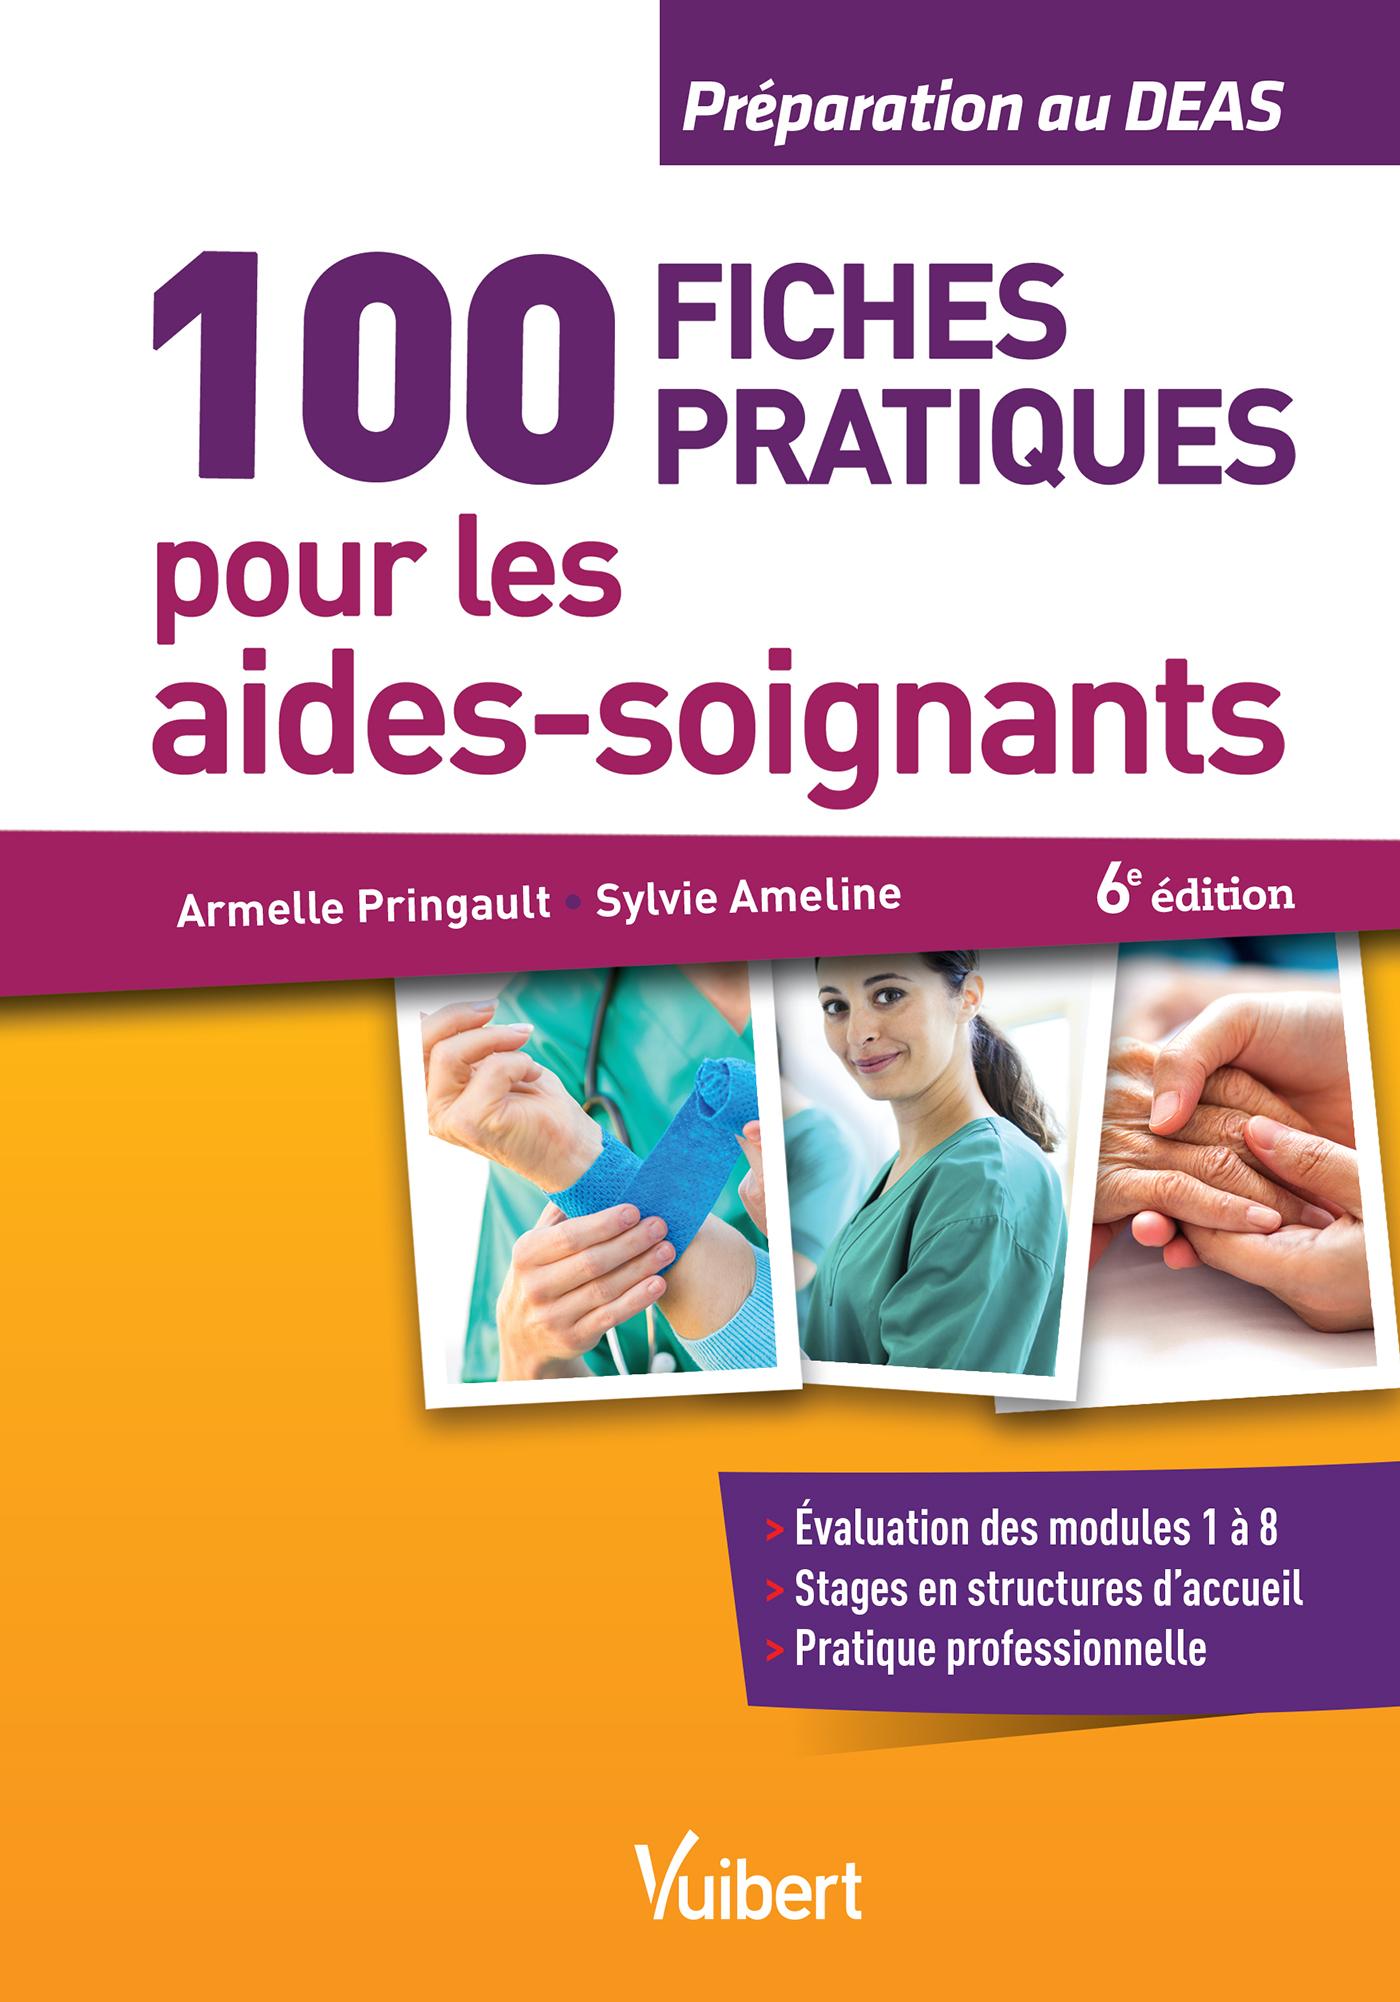 100 FICHES PRATIQUES POUR LES AIDES-SOIGNANTS 6ED